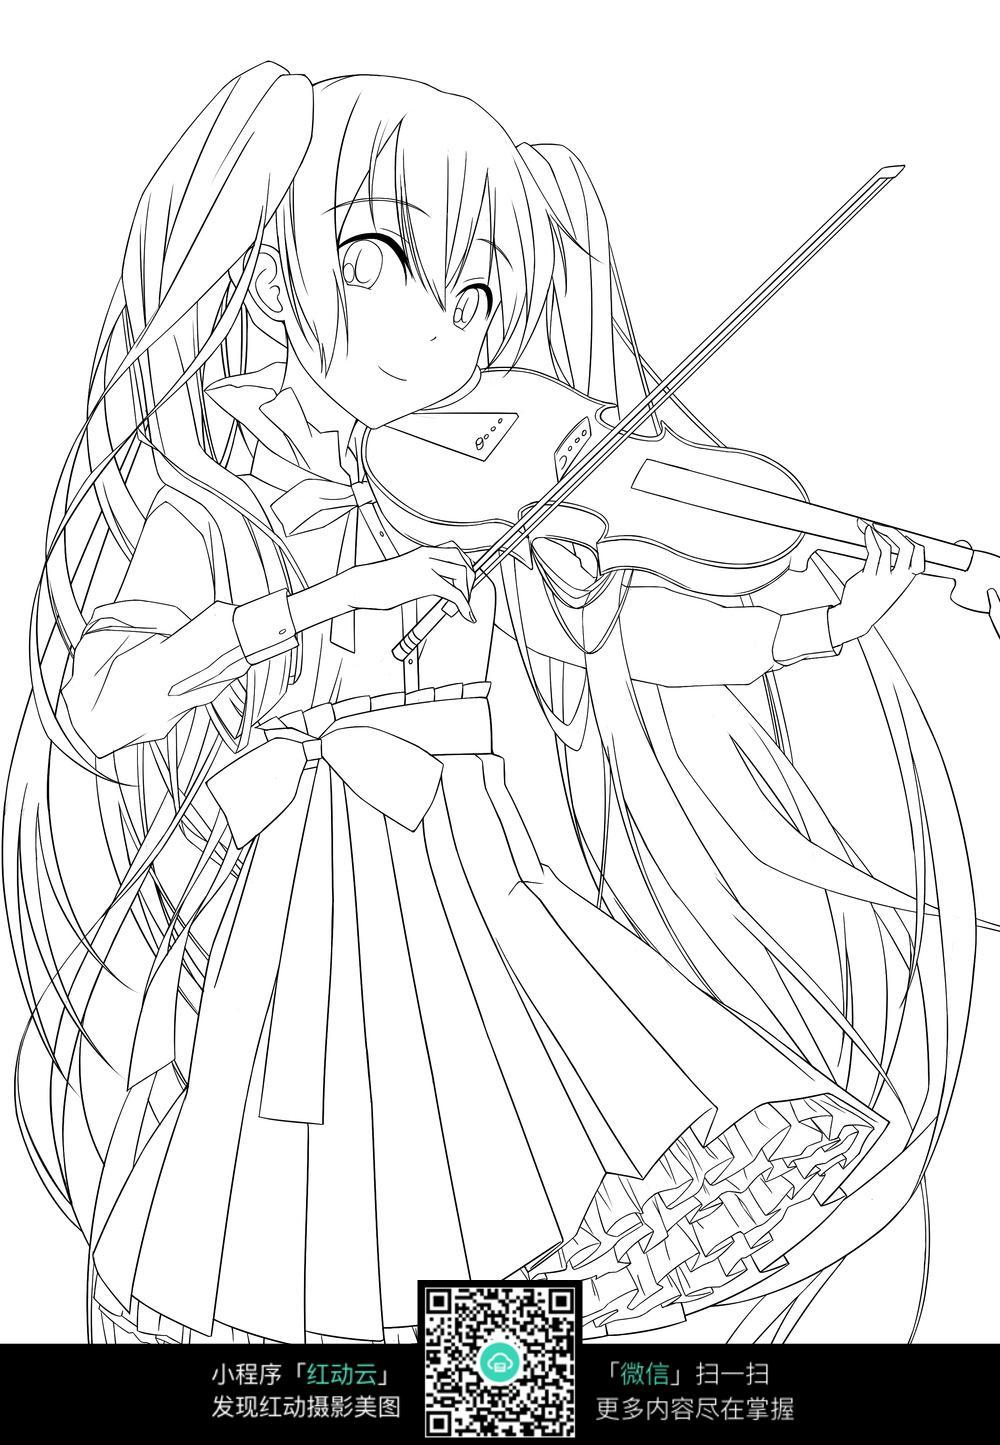 小提琴 女孩 卡通 手绘线稿图片